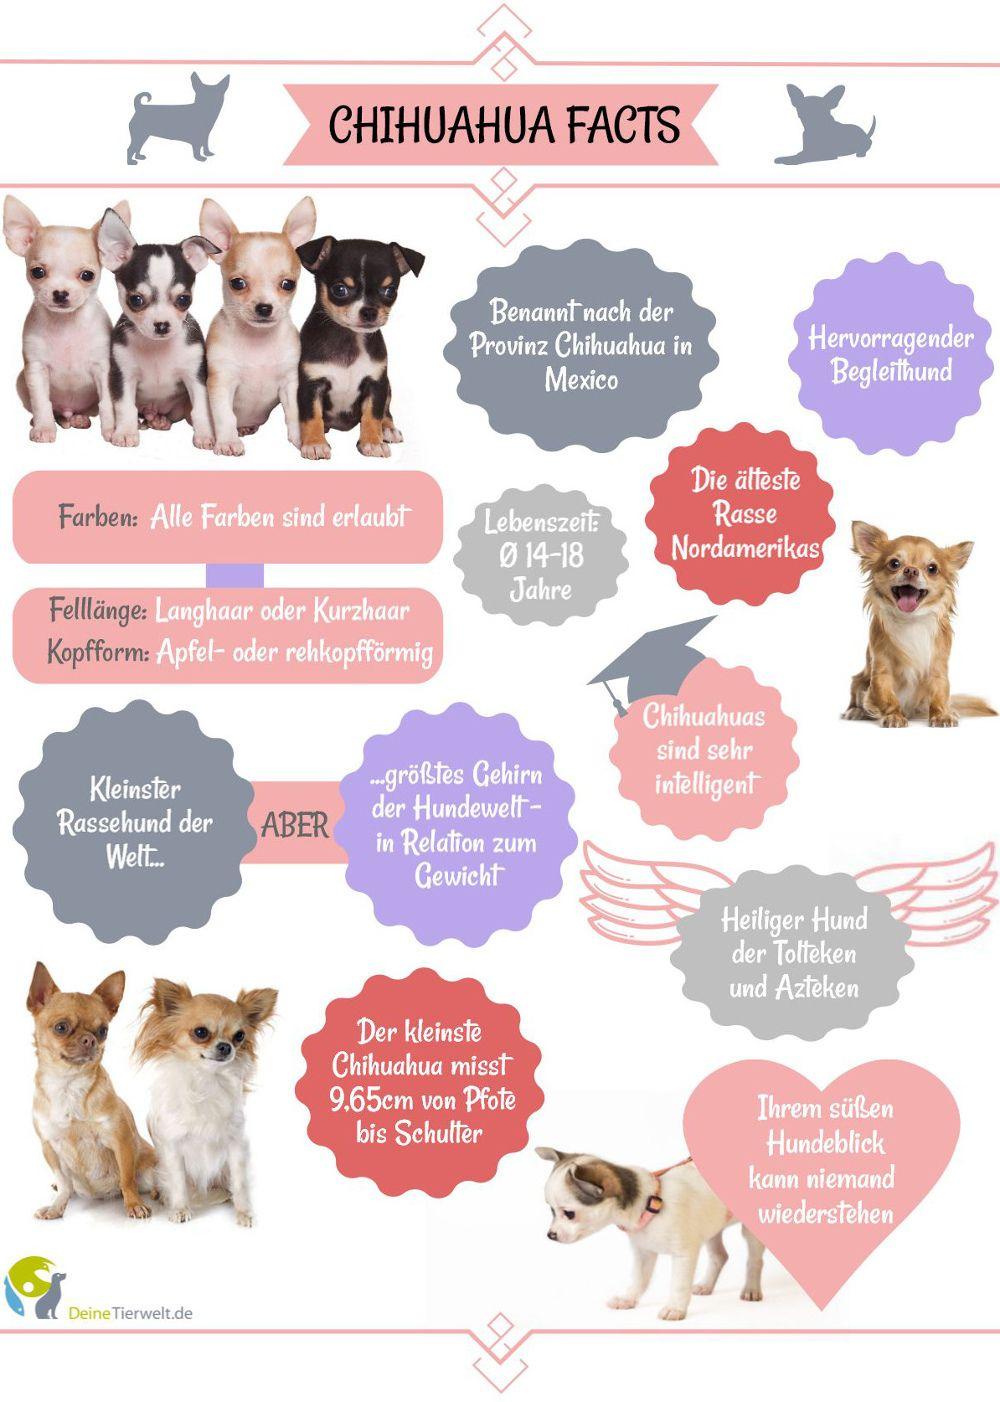 10 Spannende Fakten Uber Den Chihuahua Die Sie Bestimmt Noch Nicht Kennen Chihuahua Begleithund Hundebaby